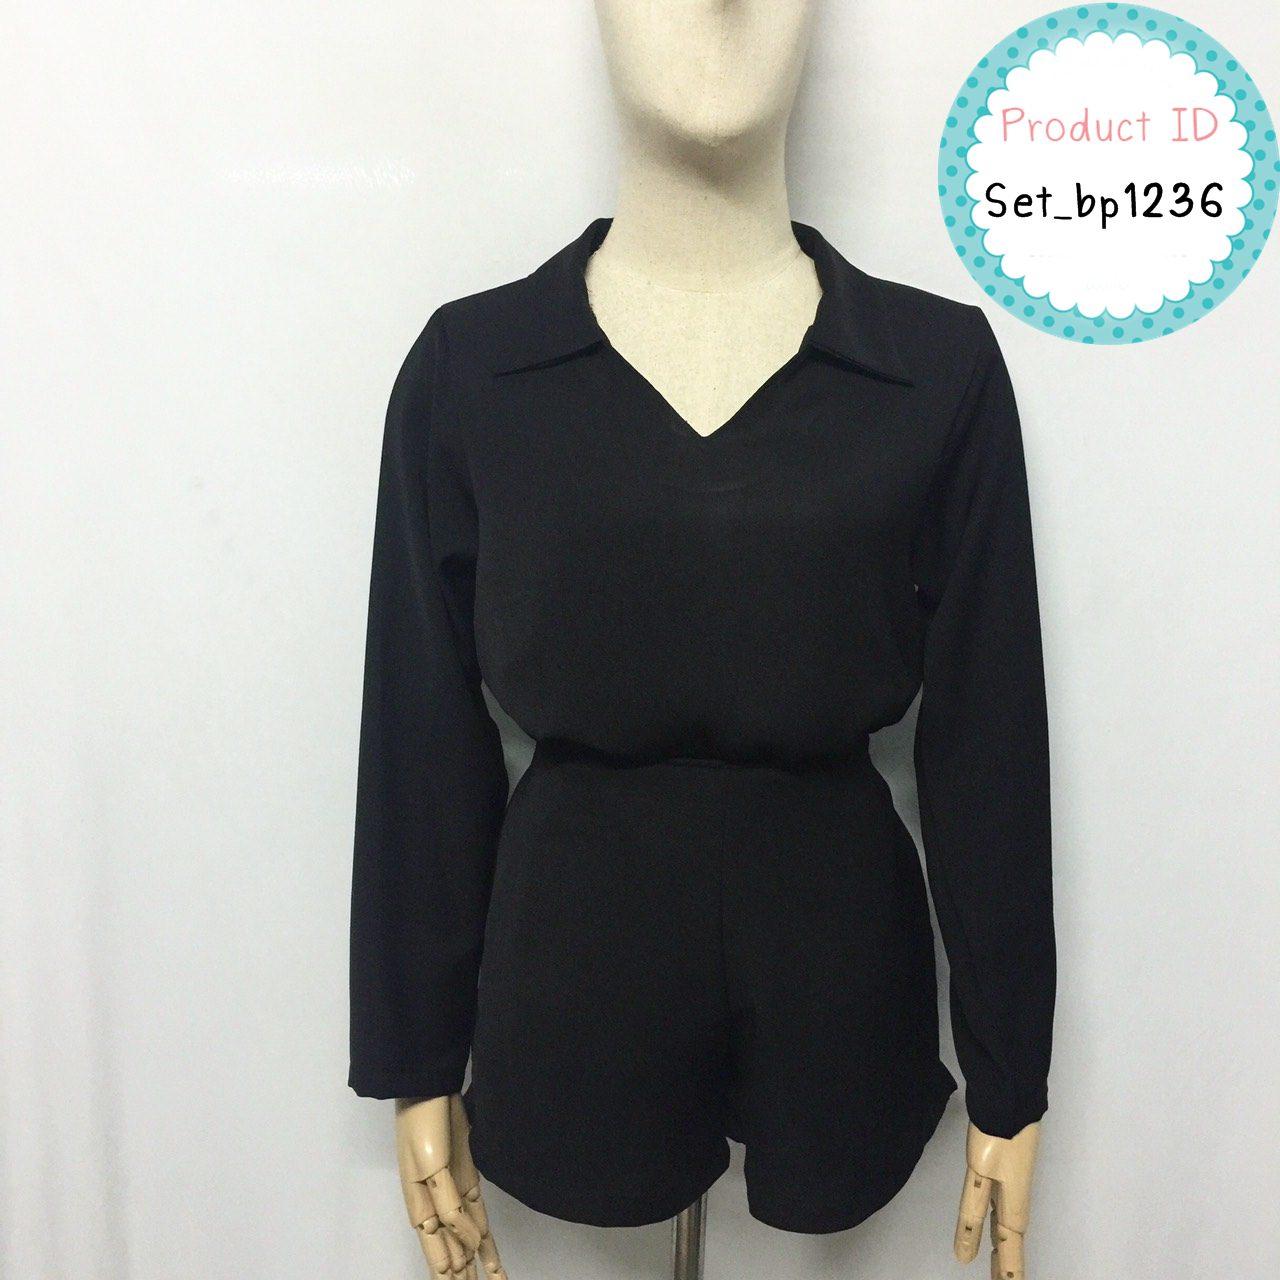 Set_bp1236 ชุดเซ็ท 2 ชิ้น(เสื้อ+กางเกง)แยกชิ้น เสื้อแขนยาวมีปกคอวี+กางเกงขาสั้นเอวยางหลัง ผ้าเนื้อดีมีน้ำหนักทิ้งตัวสีพื้นดำ